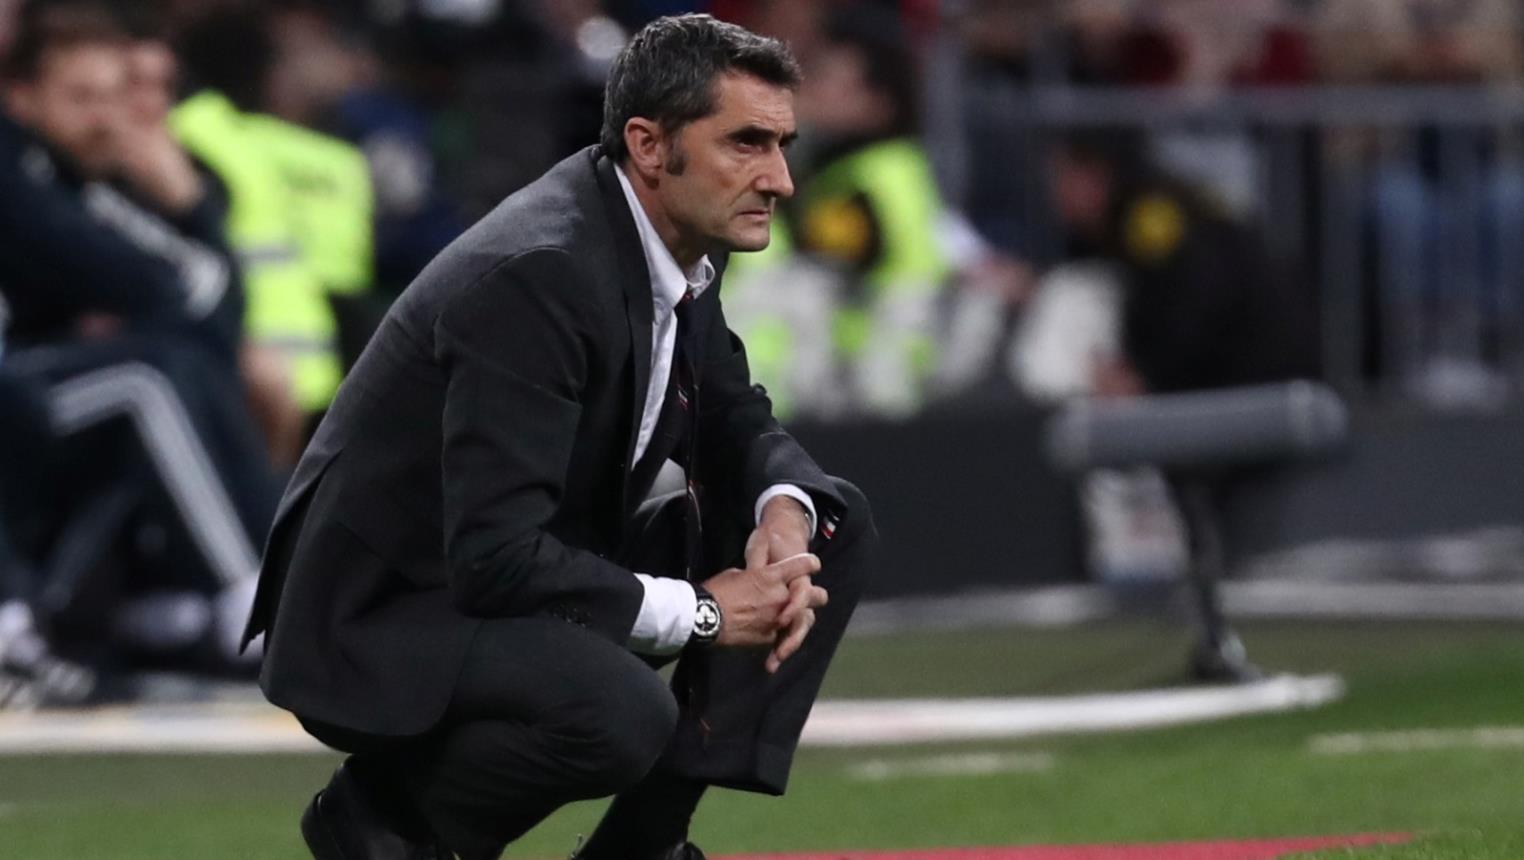 مدرب برشلونة يبدي تمسكه بلاعبه: لن نفرط به